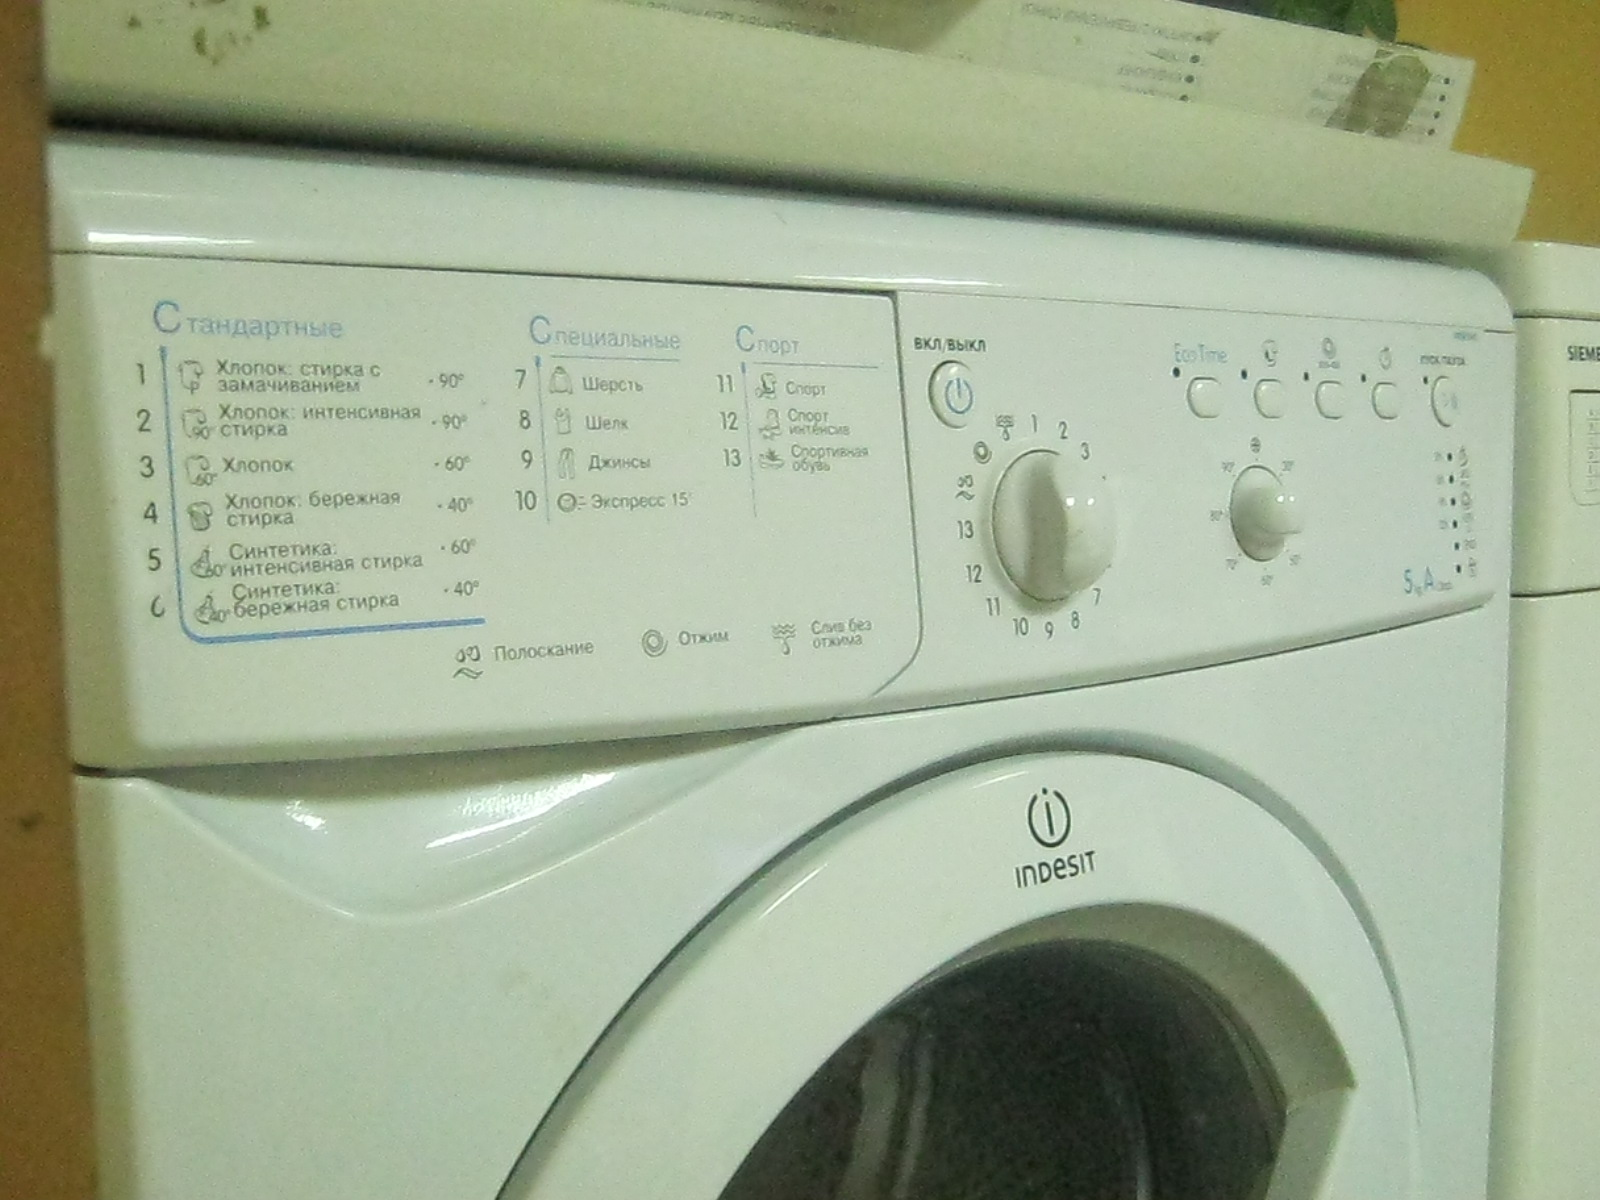 Отремонтировать стиральную машину индезит своими руками